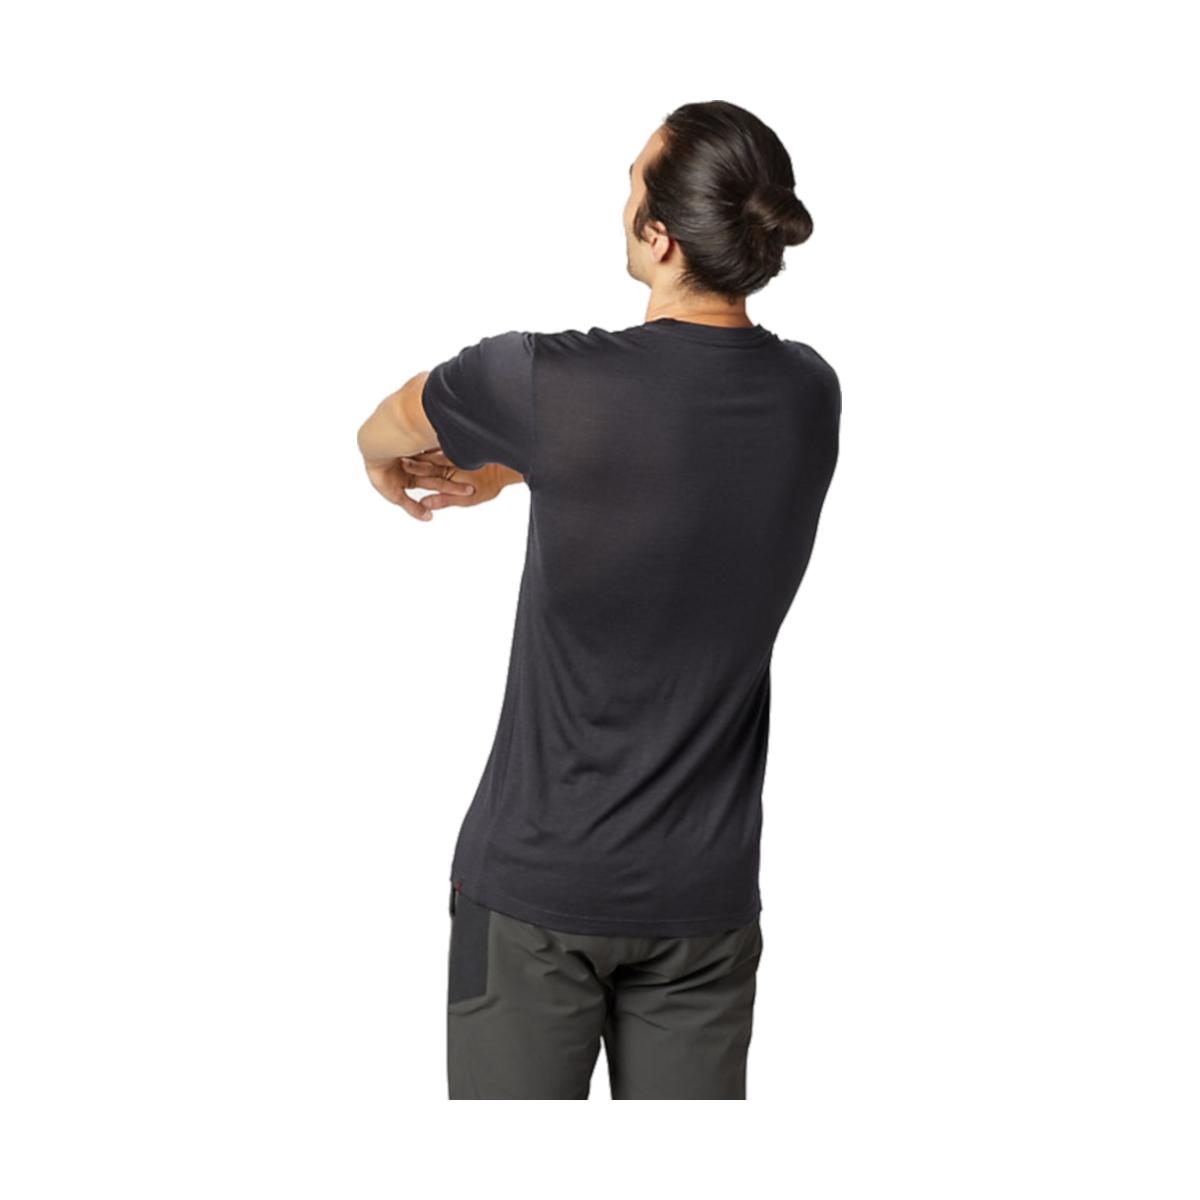 9425aad3 Mountain Hardwear Men's Diamond Peak Short Sleeve T-Shirt | T Shirts ...